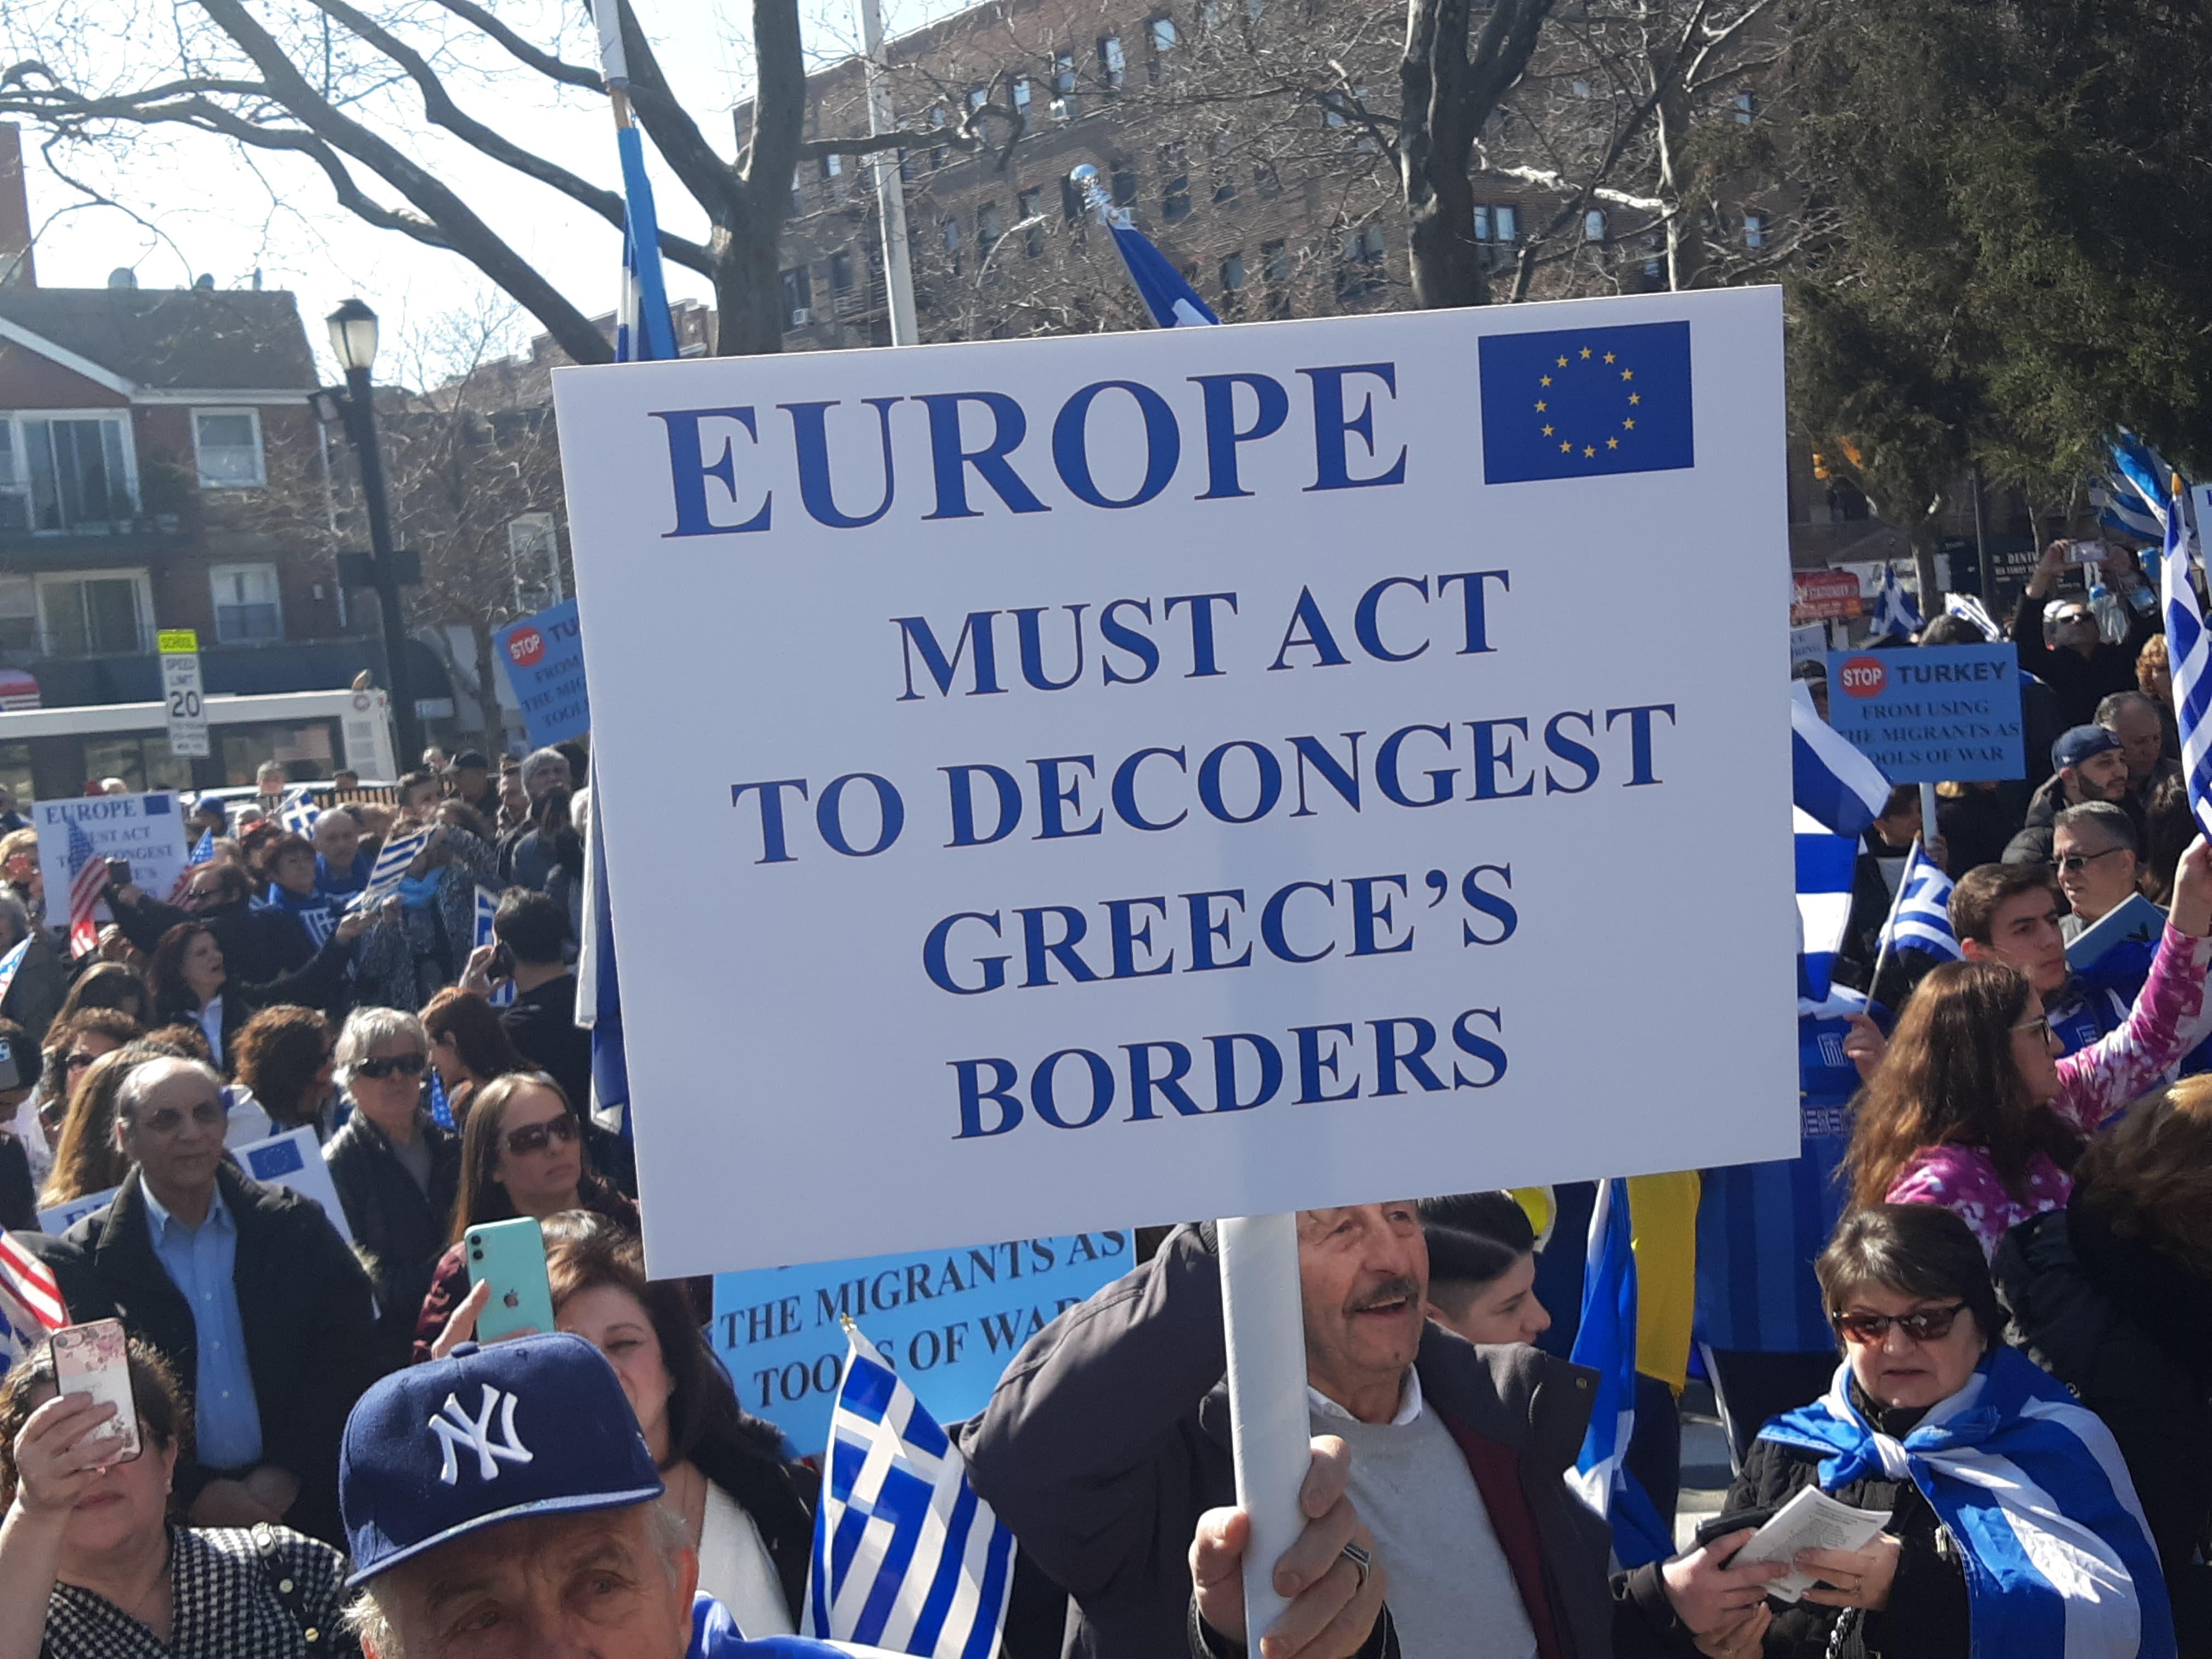 Με πλακάτ για την μεταναστευτική κρίση με μήνυμα προς την ΕΕ οι ομογενείς στους δρόμους